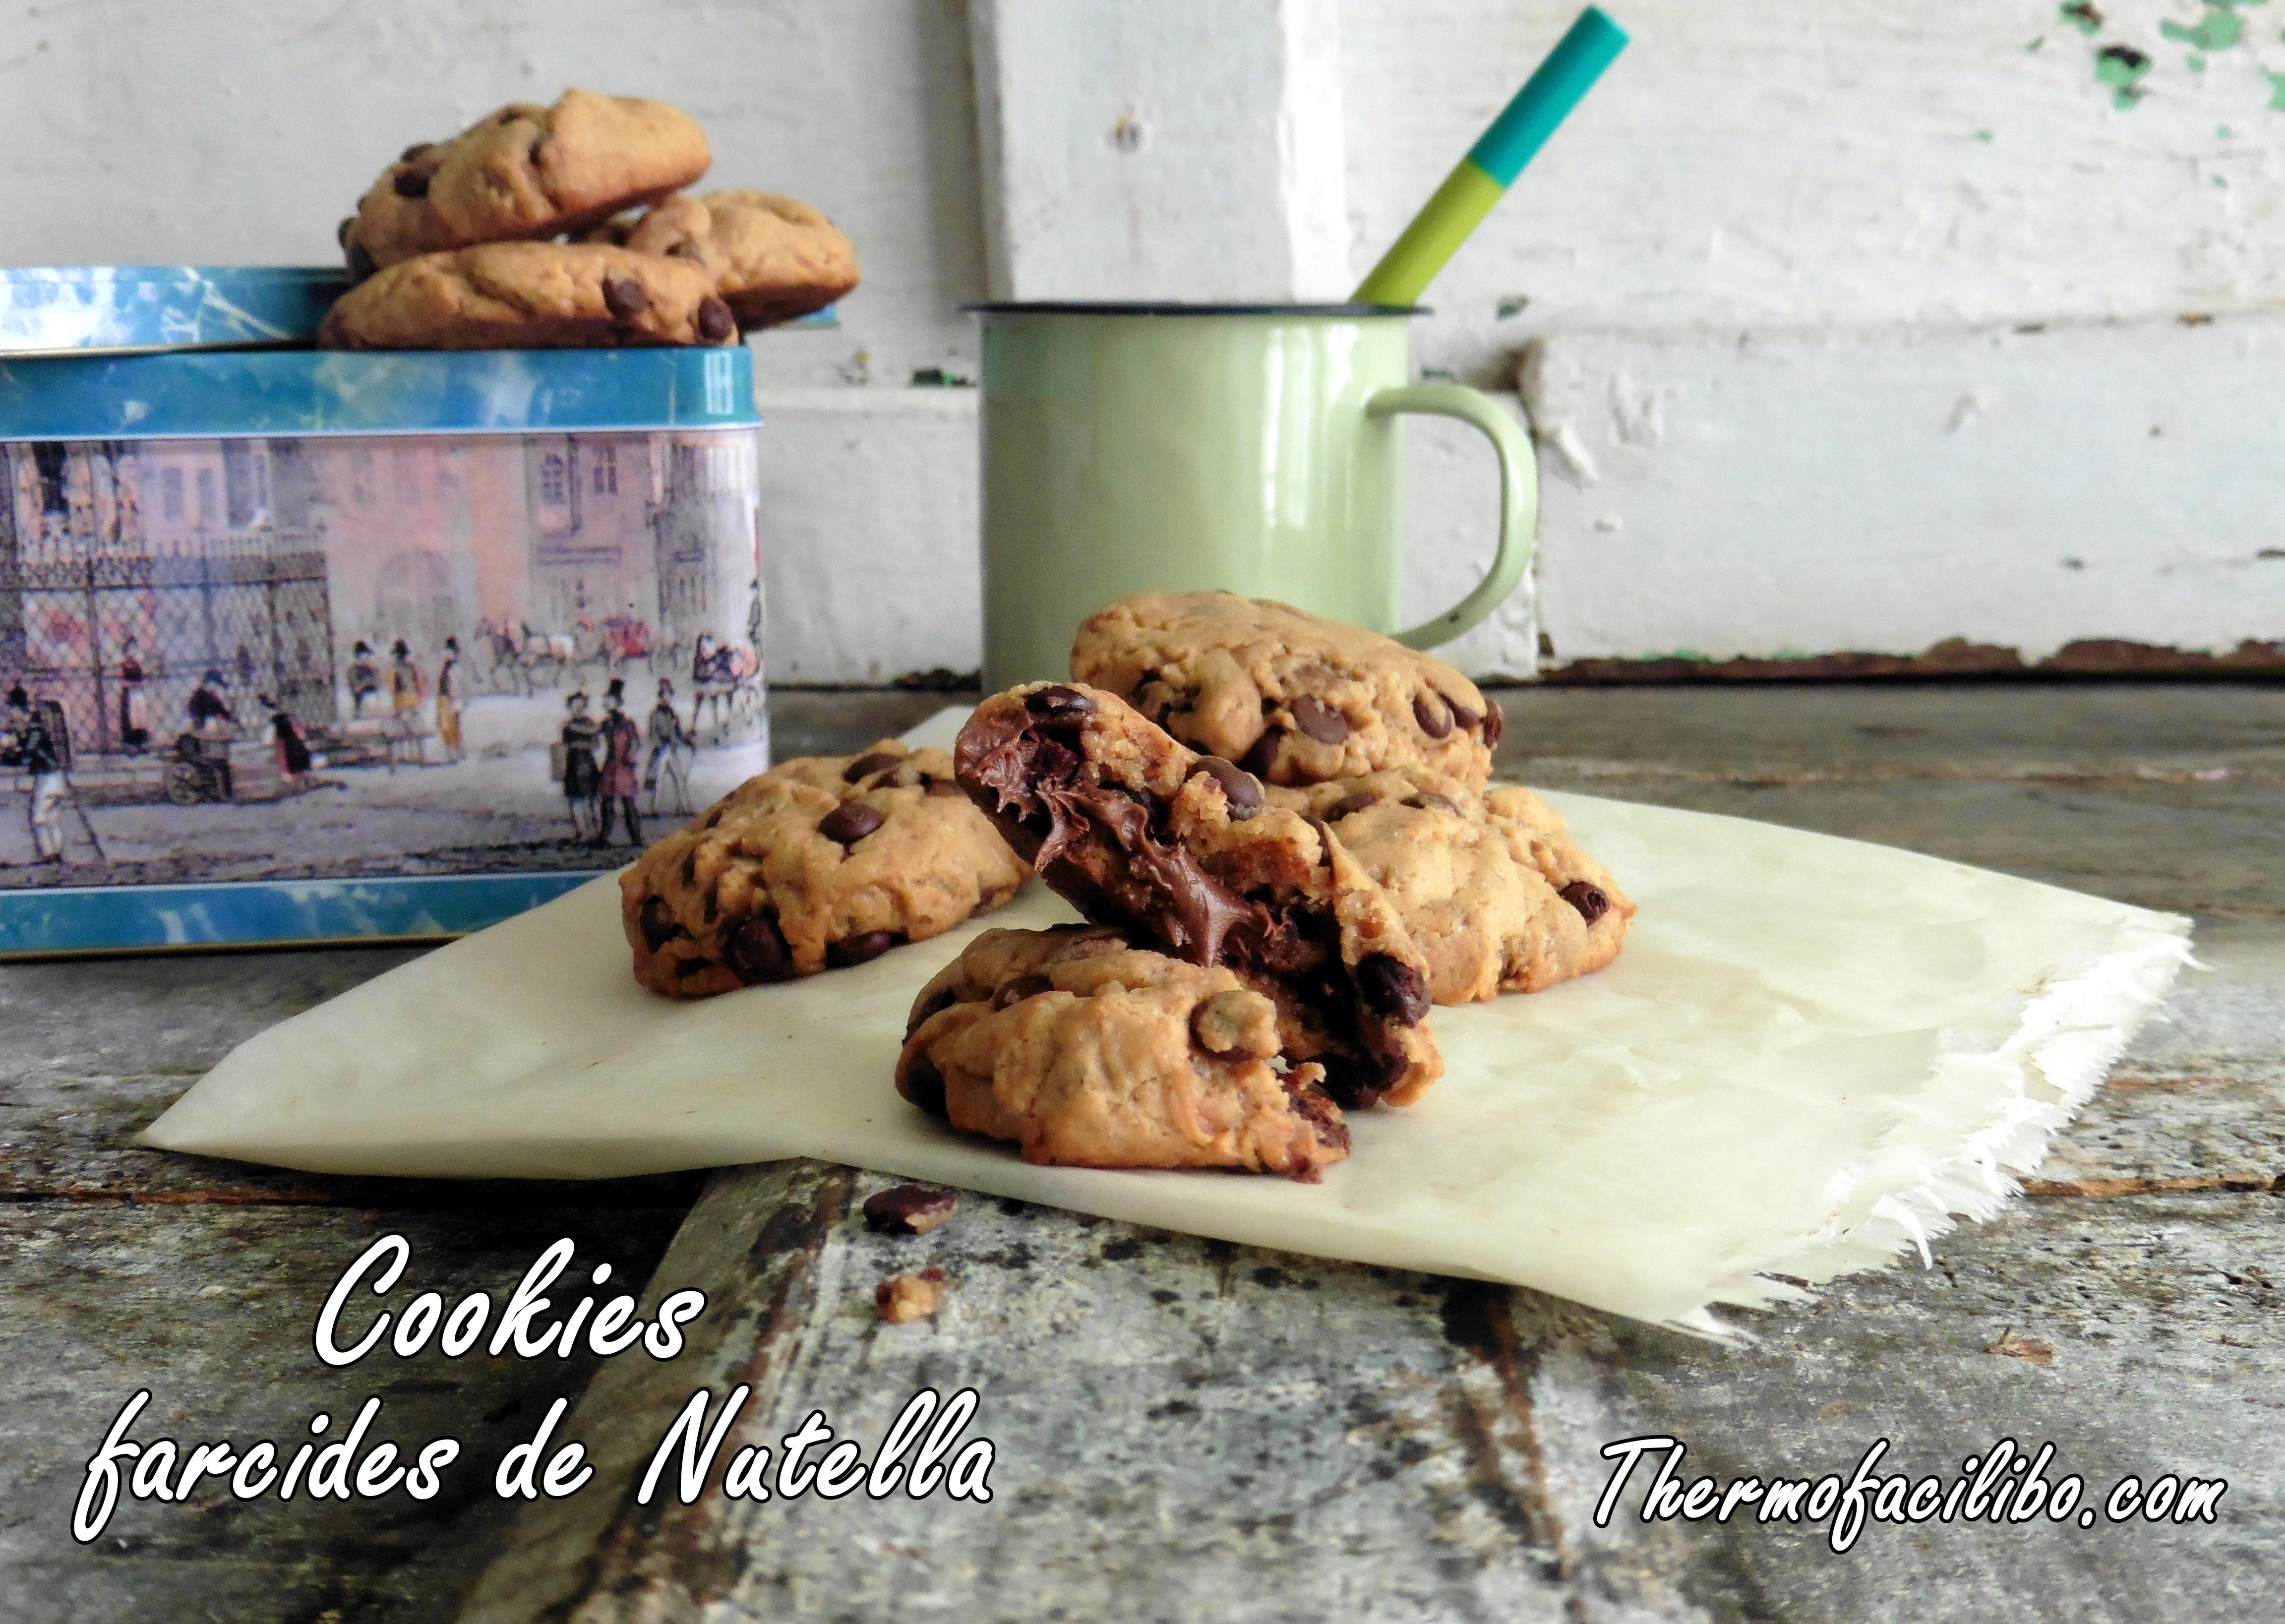 Cookies farcides de nutella .